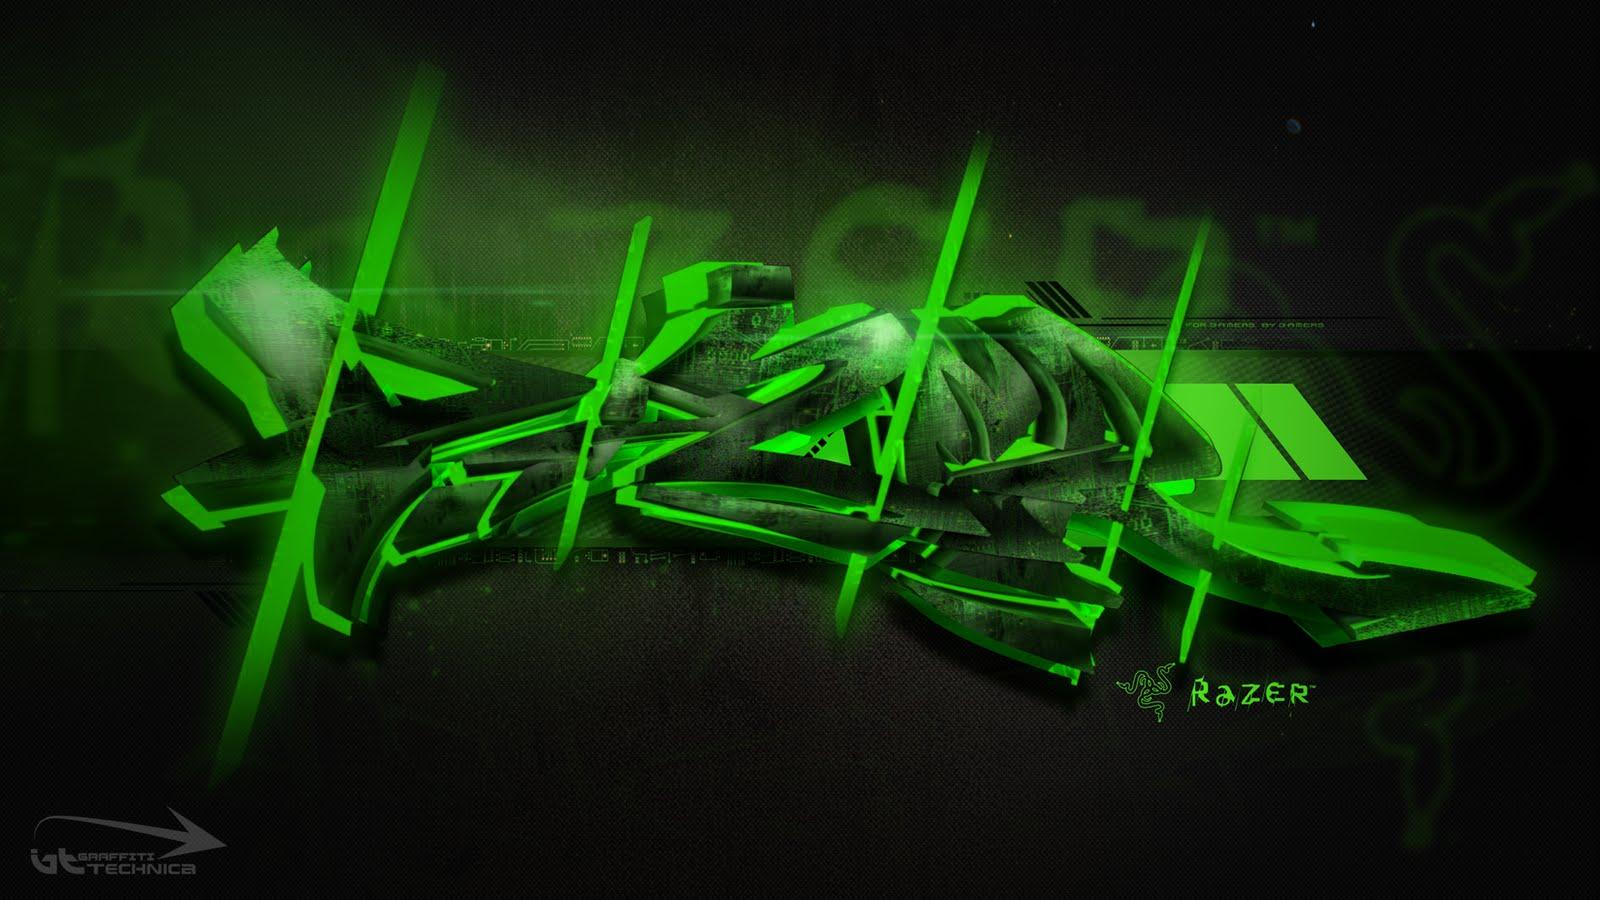 Razer wallpaper hd ushasree 39 s blog for Sfondi razer